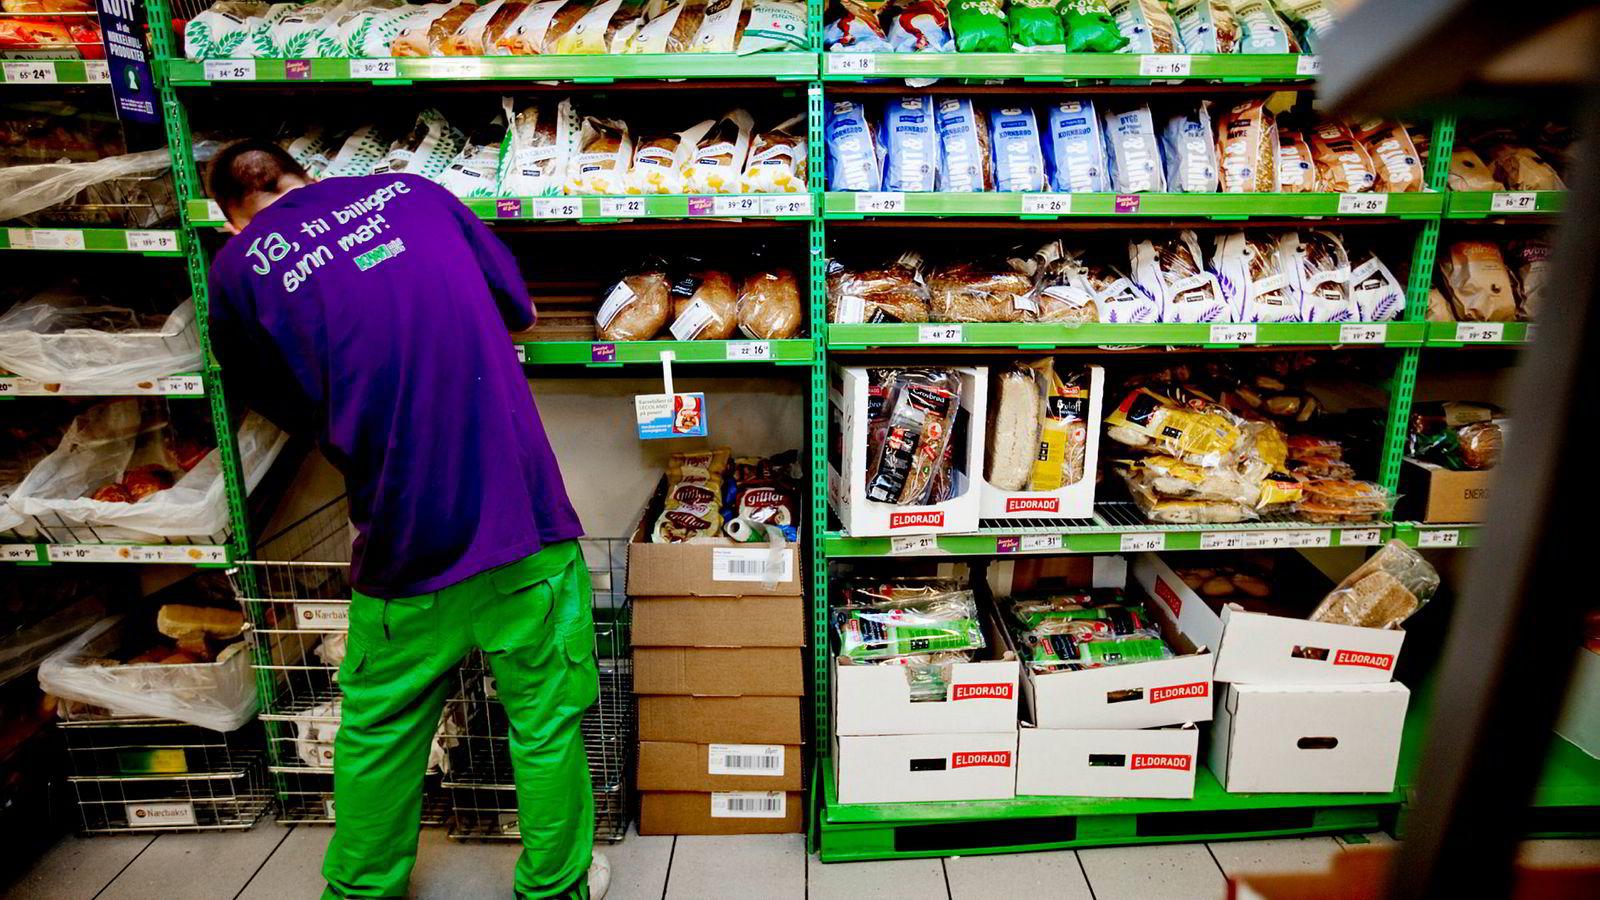 Konkurransetilsynet ser ikke ut til å forstå hvordan Johannson-familiens Norgesgruppen/ASKO (Kiwi, Spar, Meny) har fått tilnærmet monopol til Forsvaret, sykehus, offentlige og private kantiner og restauranter som Peppe's, i tillegg til kiosk og bensinmarkedet, skriver artikkeforfatteren.